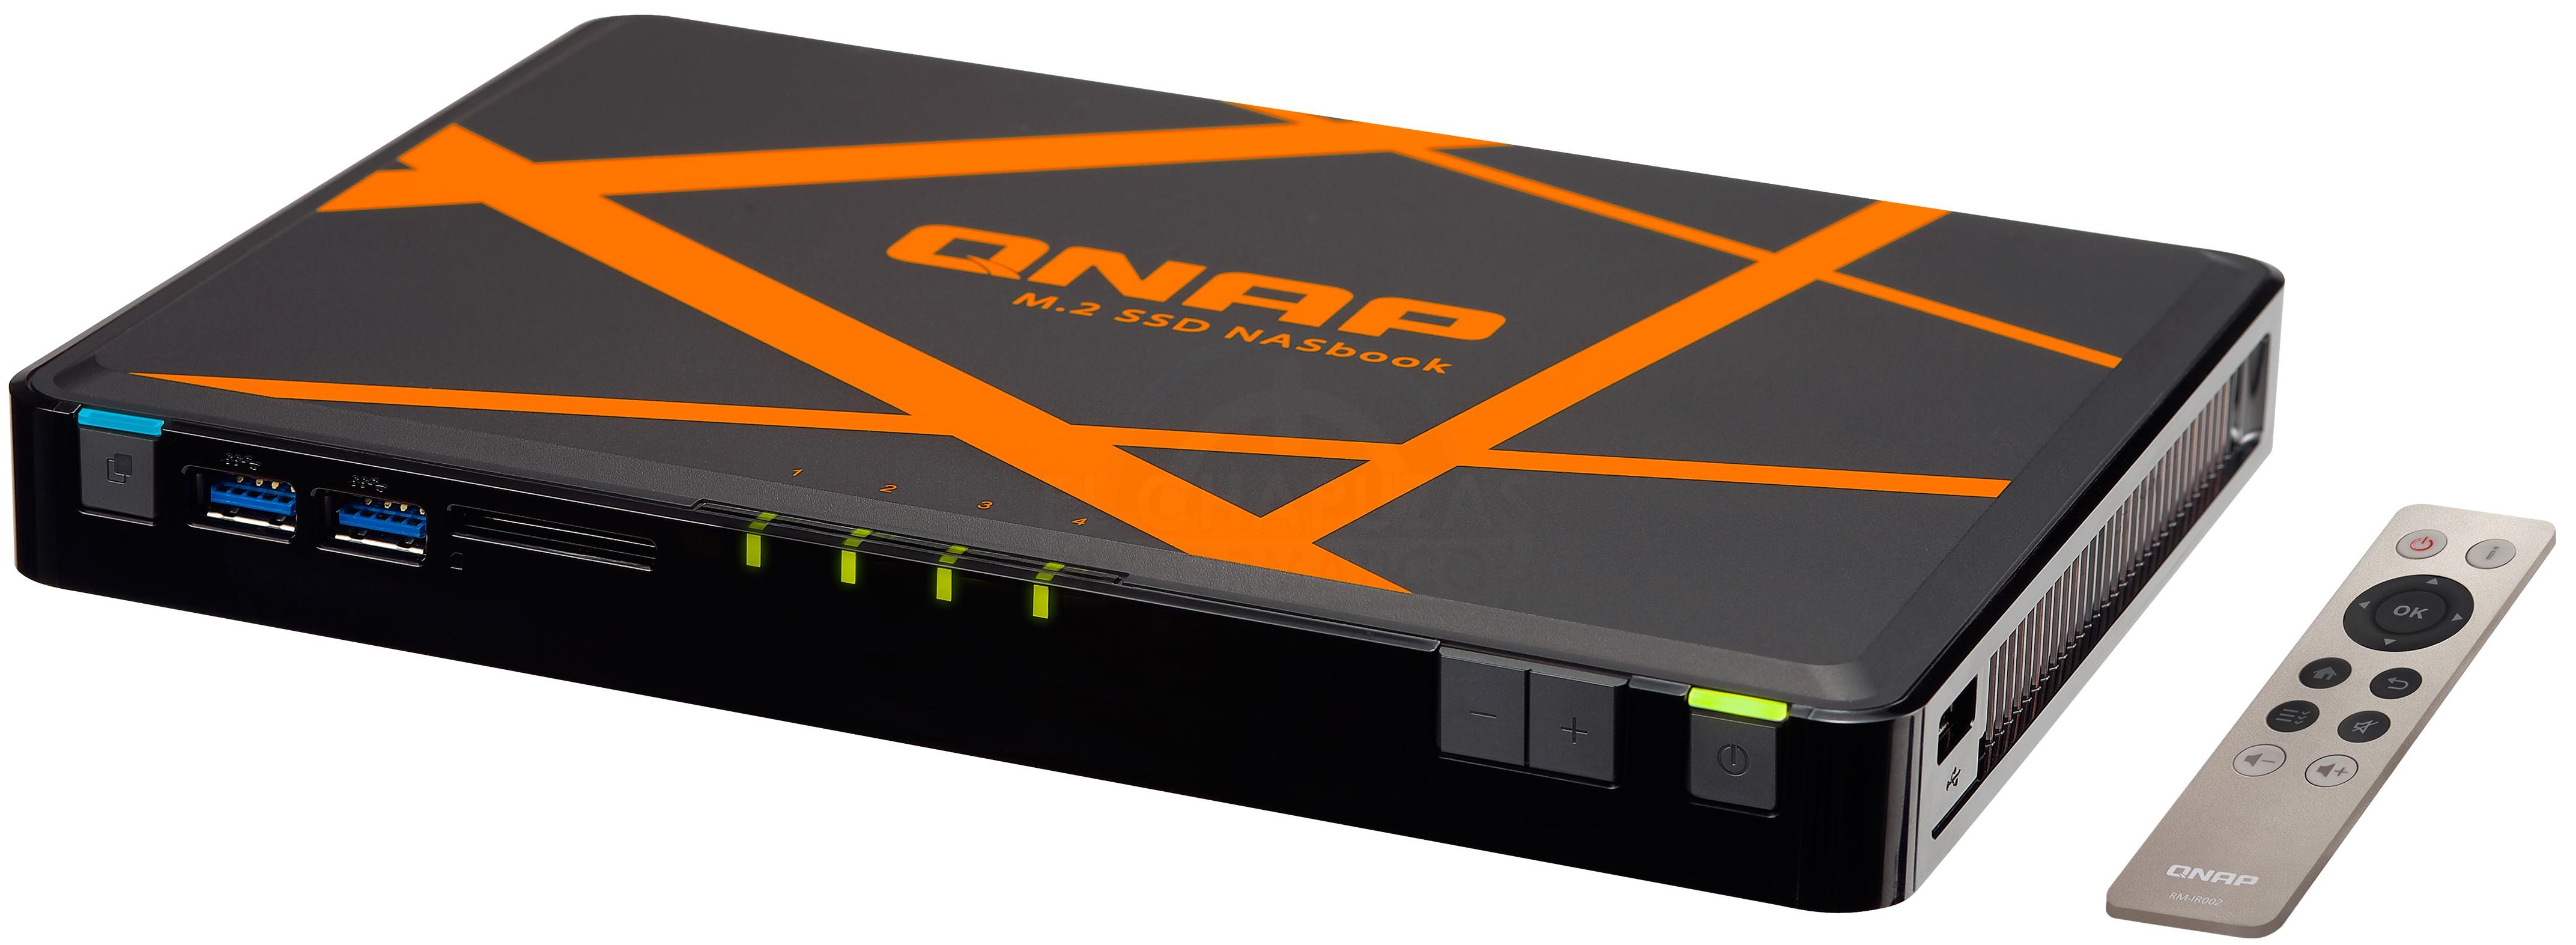 QNAP TBS-453A NASbook: El primer NAS para SSDs M.2